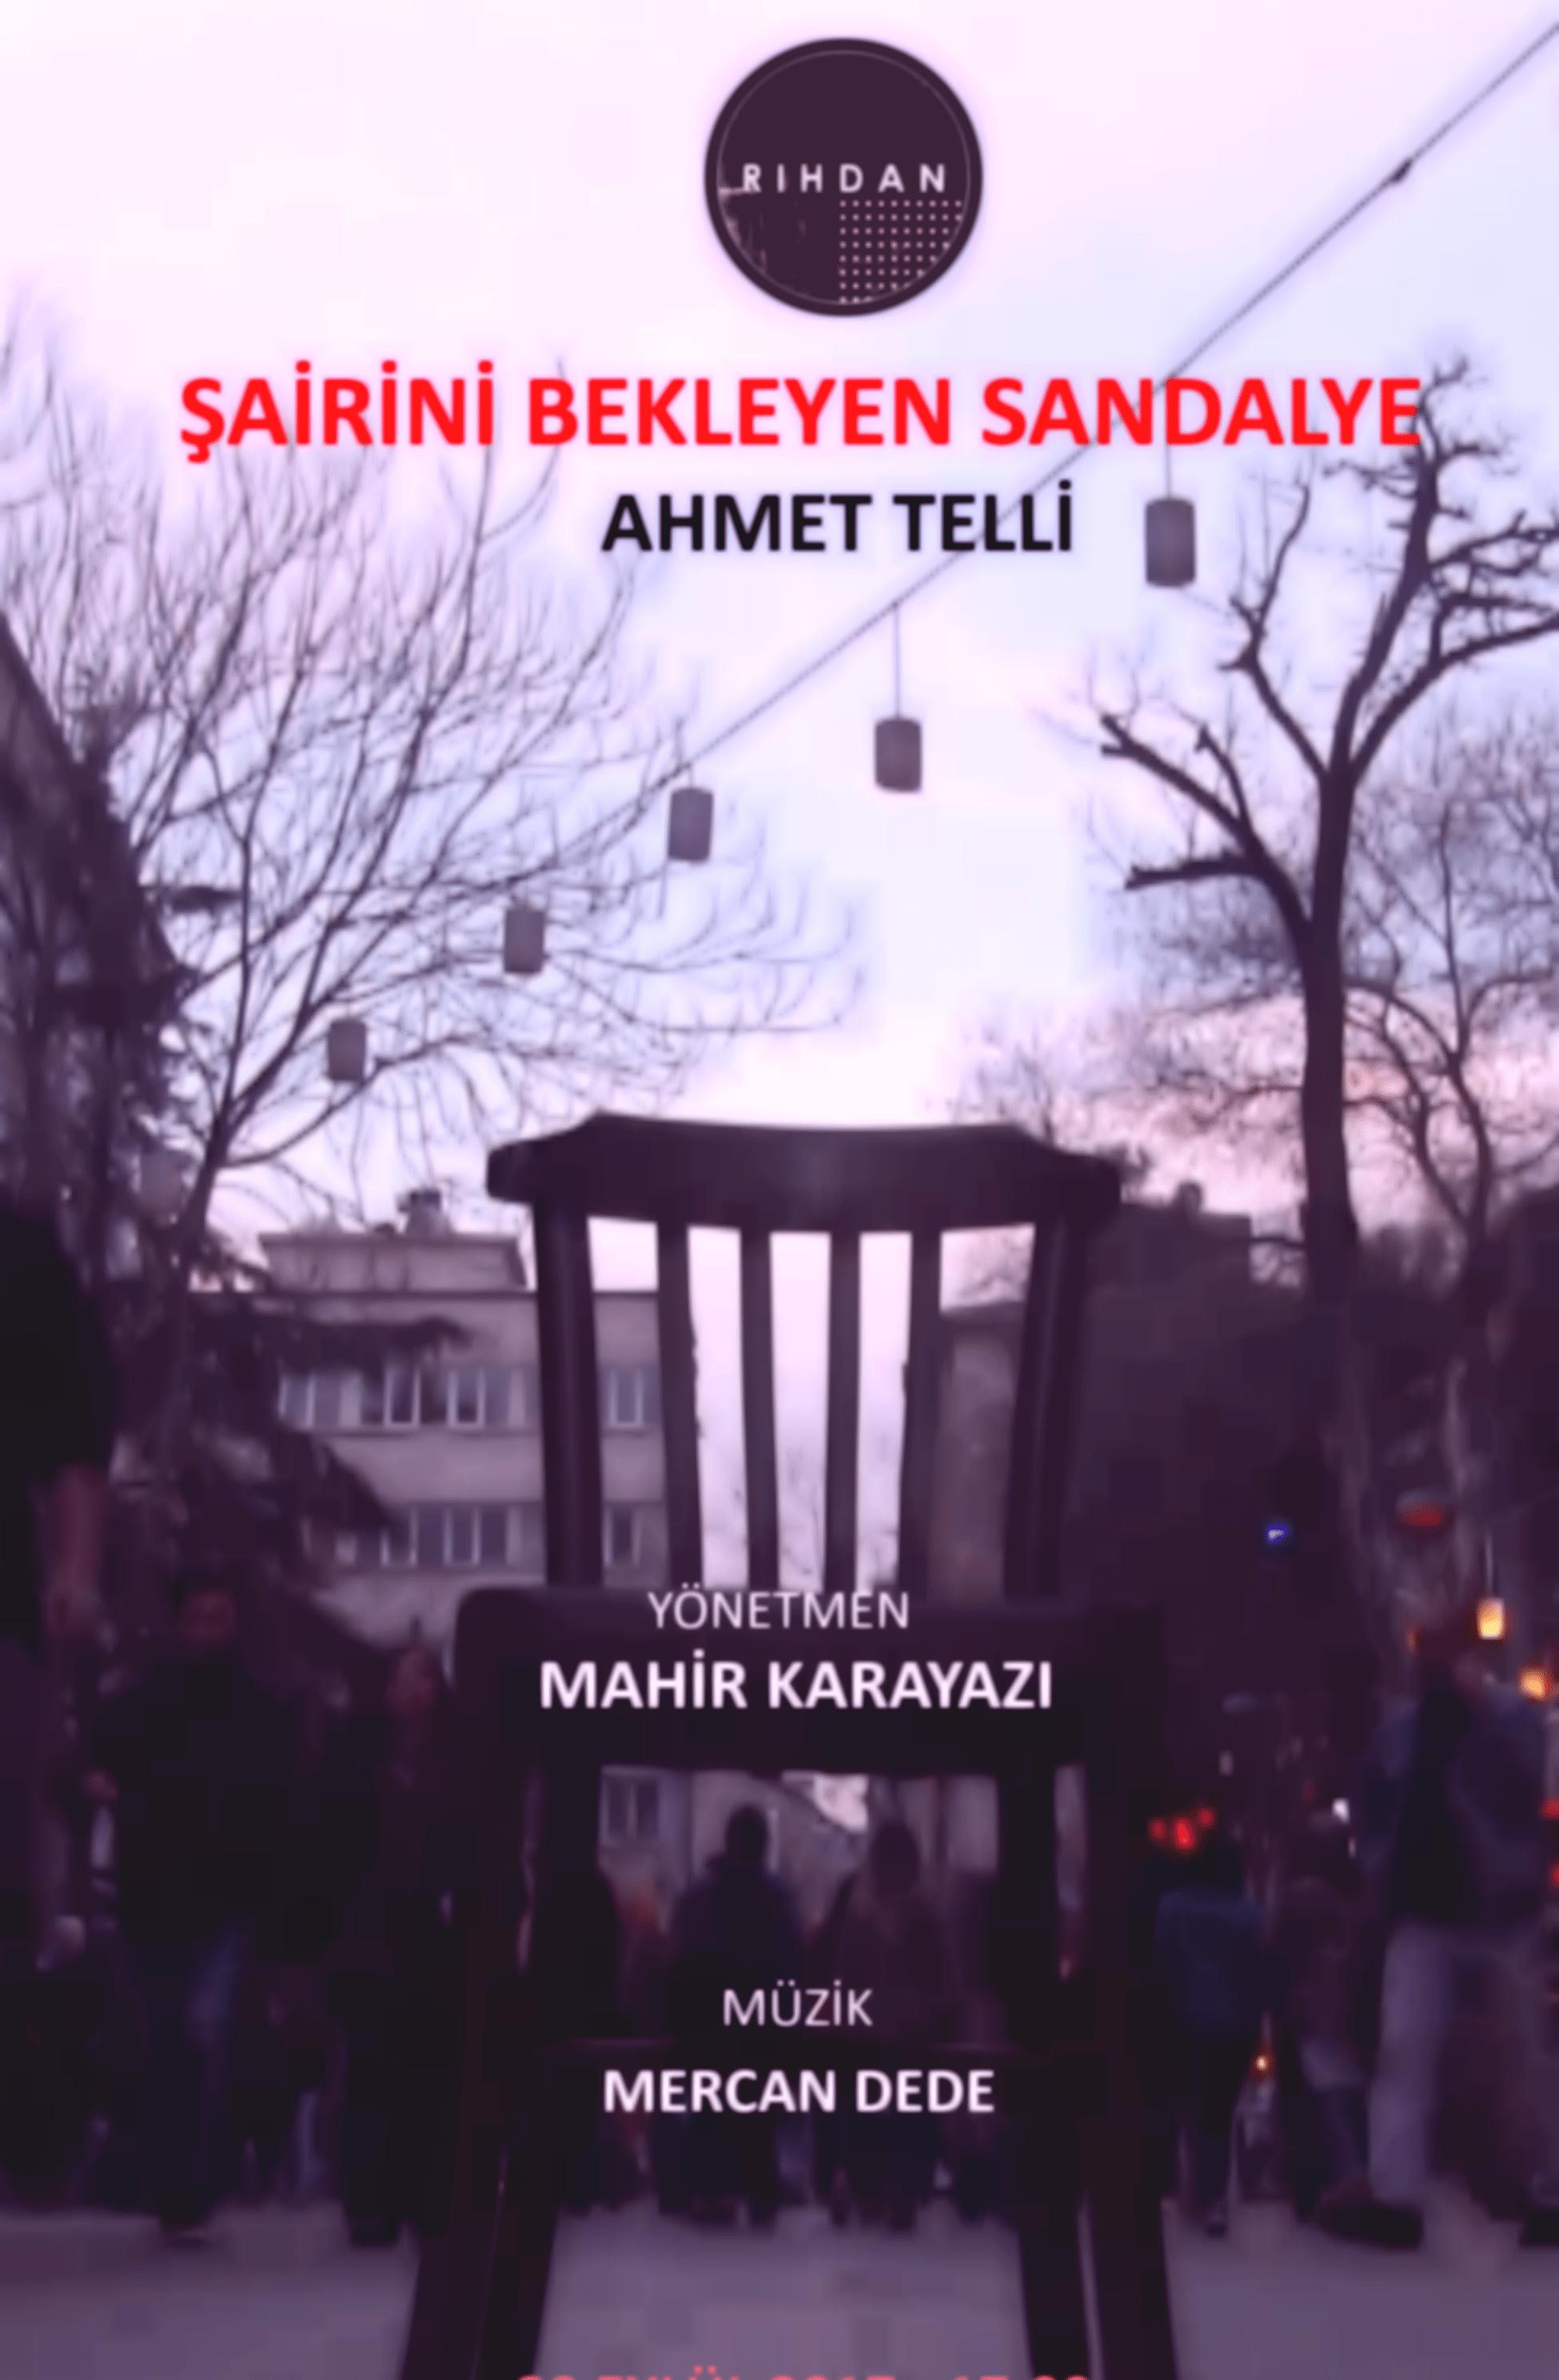 'Şairini Bekleyen Sandalye' Ahmet Telli belgeseli